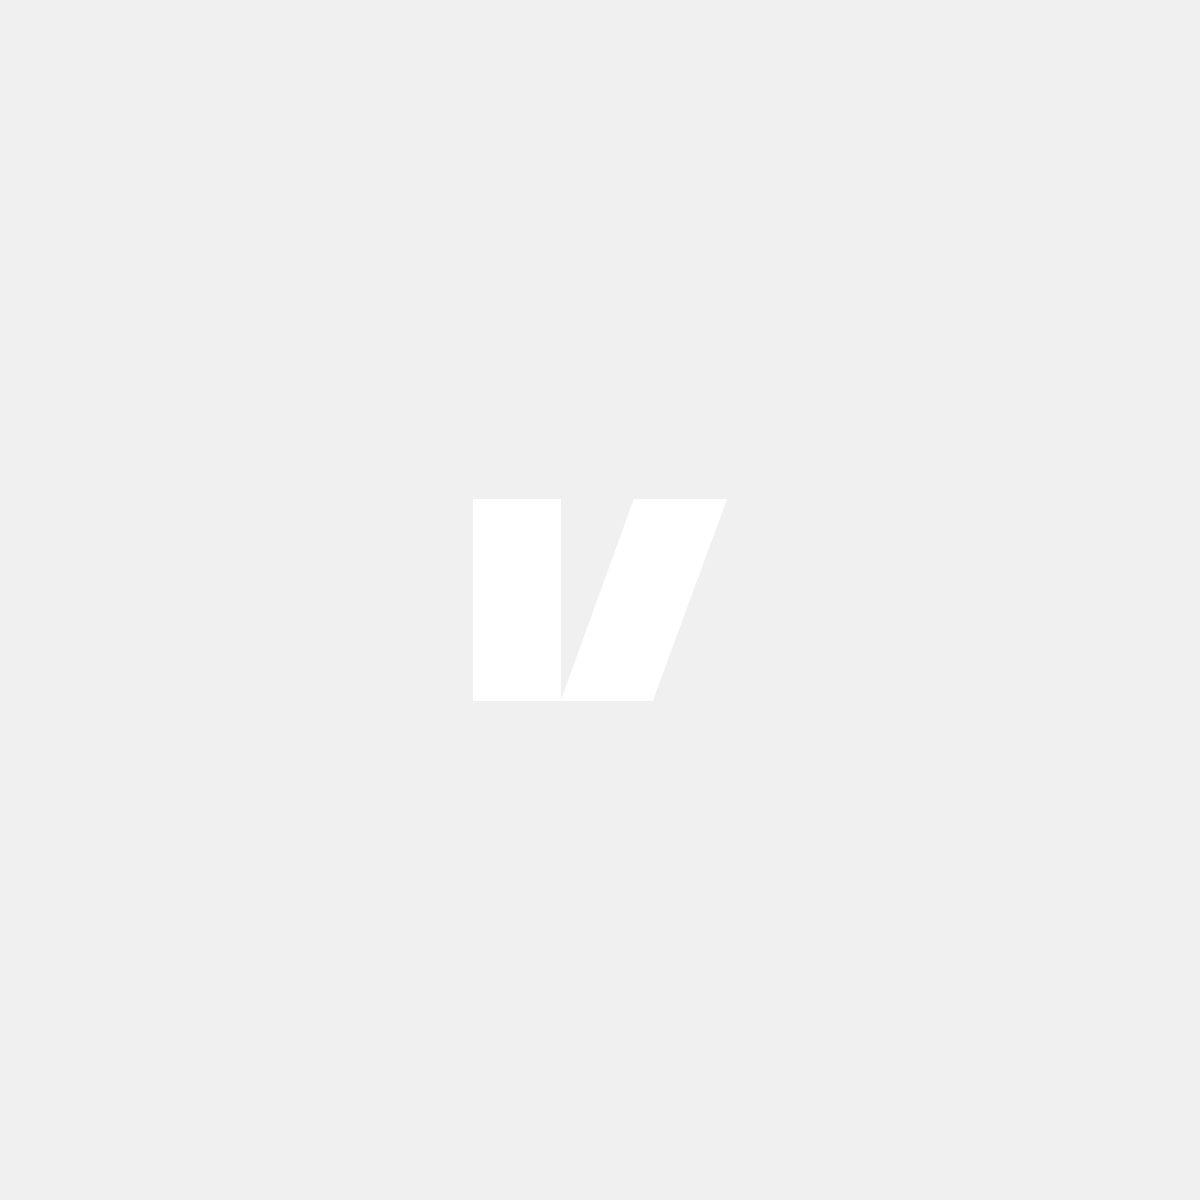 Nivåregleringsbyglar för sänkningssats, till Volvo S60, S80, V70